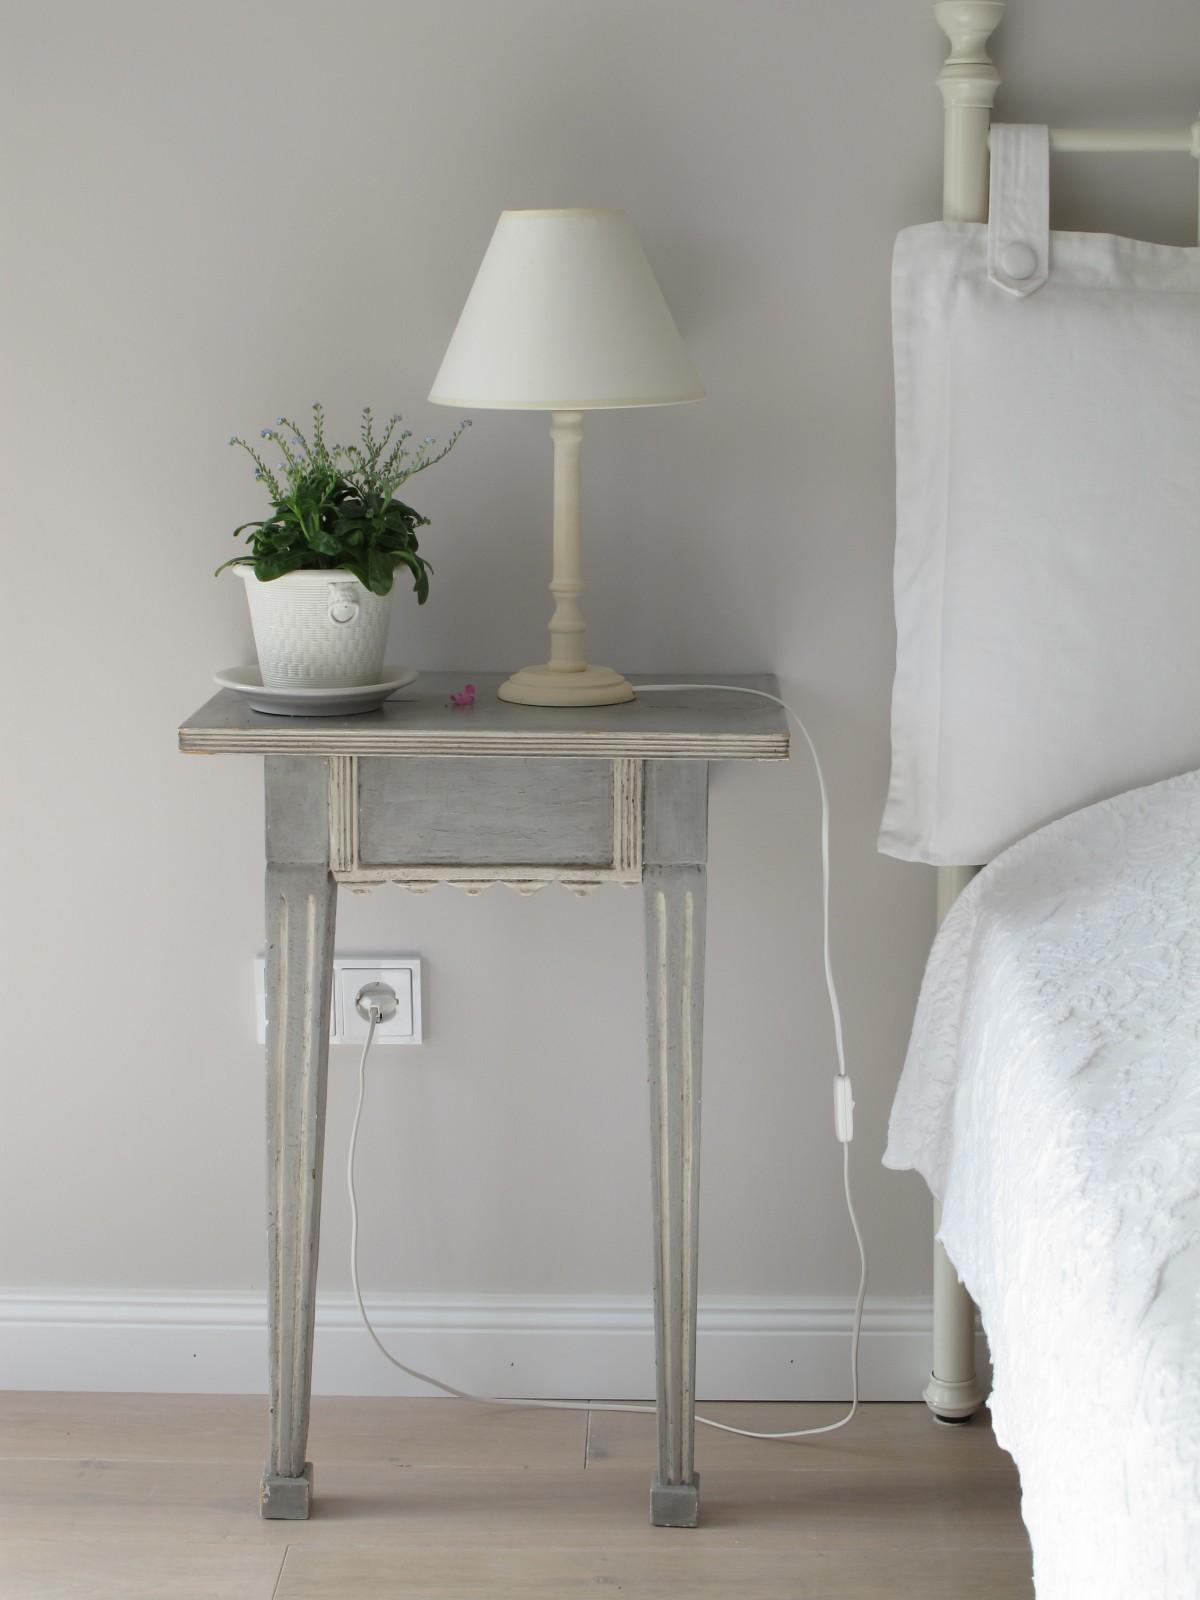 Fotos gratis : blanco, pared, techo, piano, niño, lámpara, mueble ...